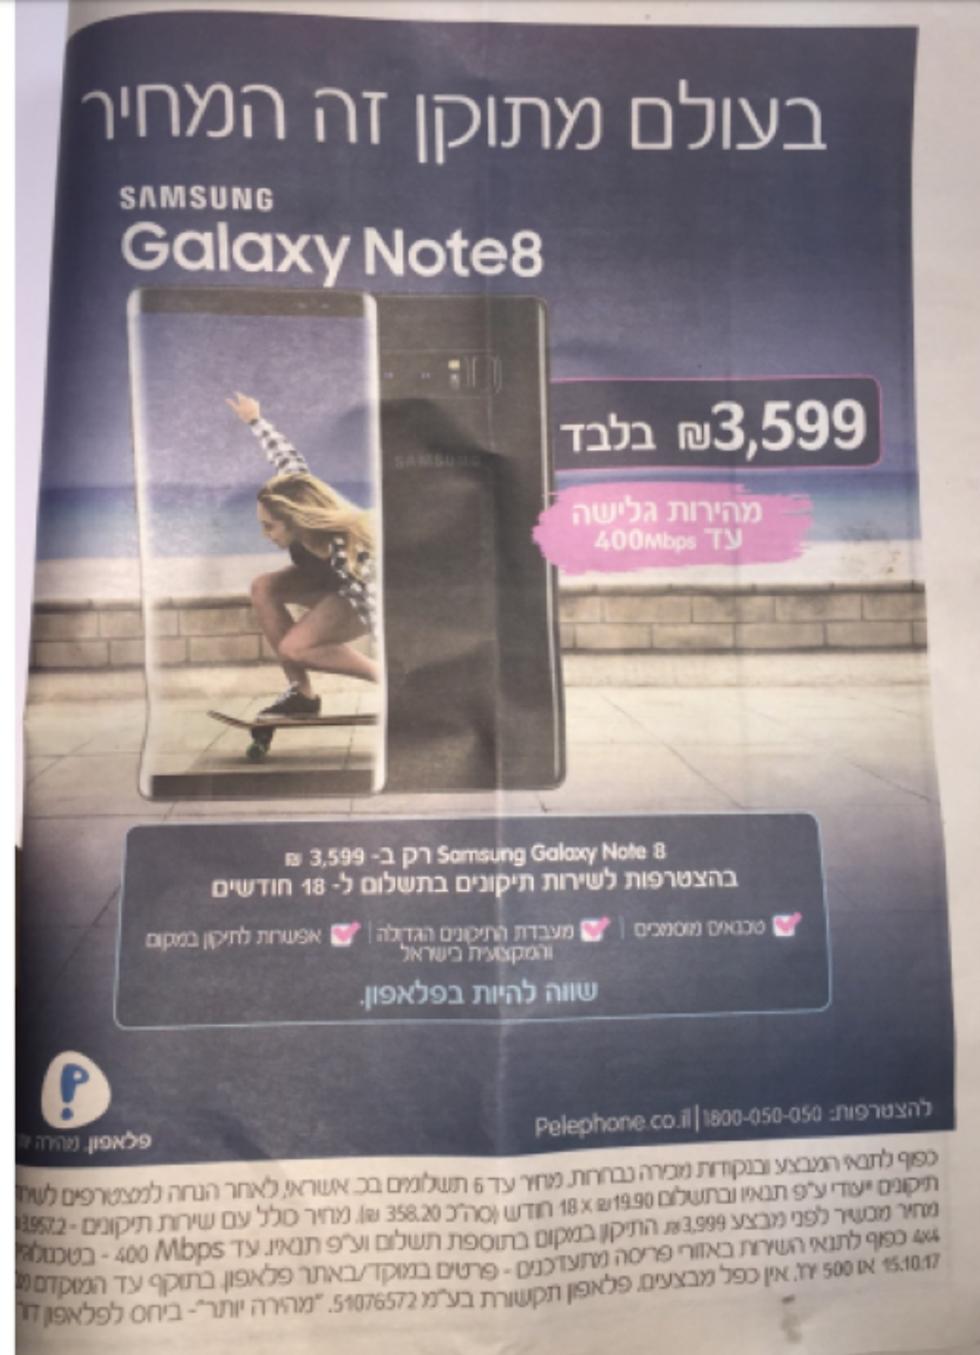 מודעת הפרסומת של פלאפון. המכשיר עולה 3,599 שקל - אבל אי אפשר לקנות אותו במחיר הזה